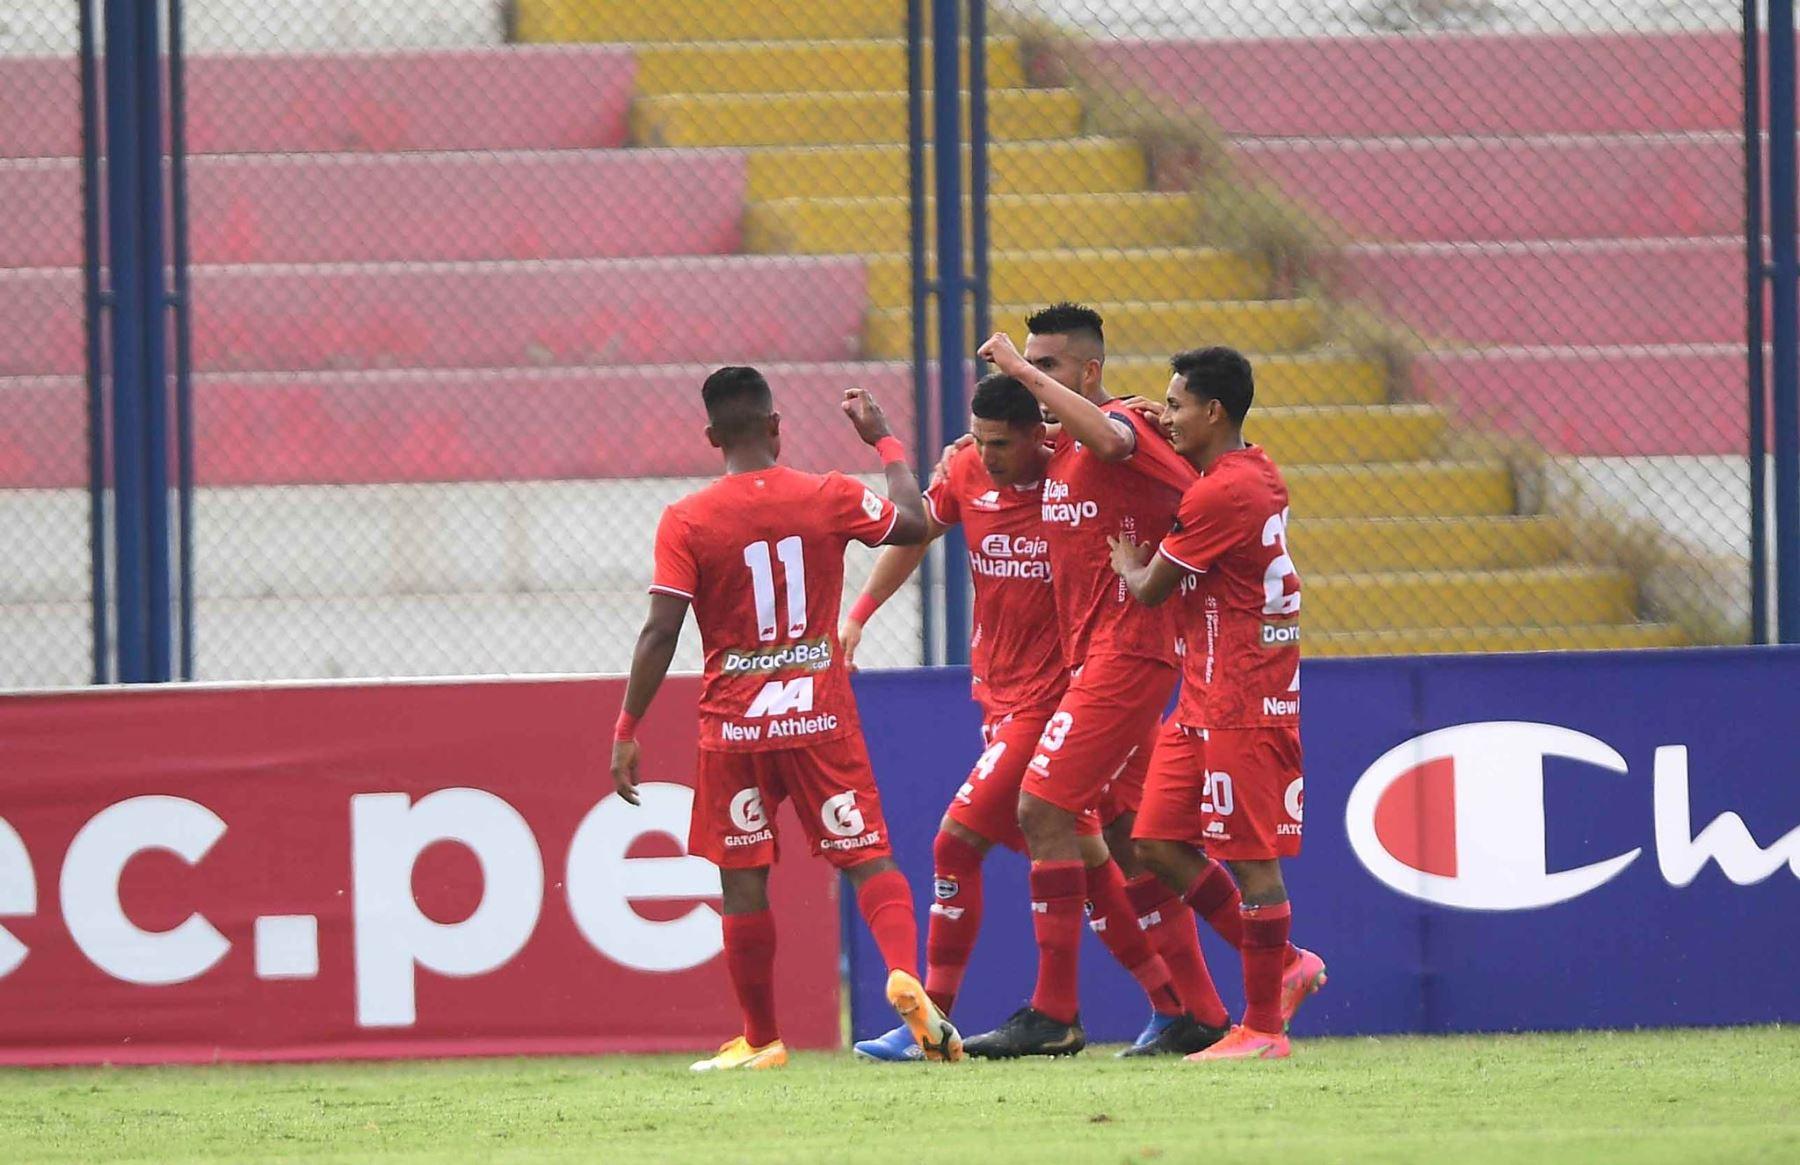 Luis Álvarez de Cienciano celebra su gol anotado ante Universitario por la séptima  fecha de la fase 1, en el estadio Iván Elías Moreno en Villa el Salvador. Foto: @LigaFutProf